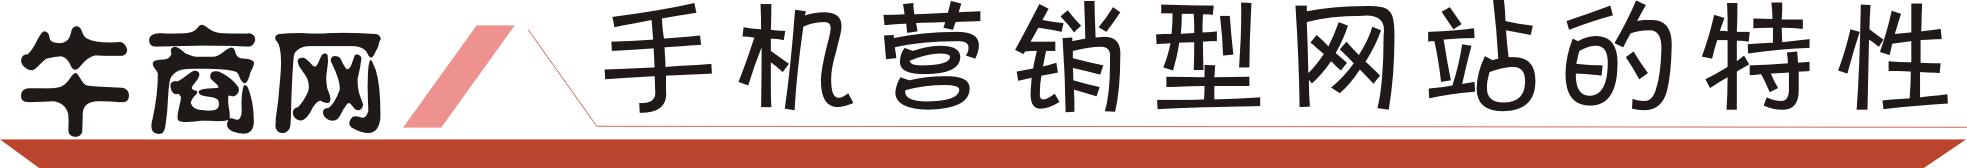 龙8国际pt老虎手机龙8国际龙88型龙8国际官网首页的特性